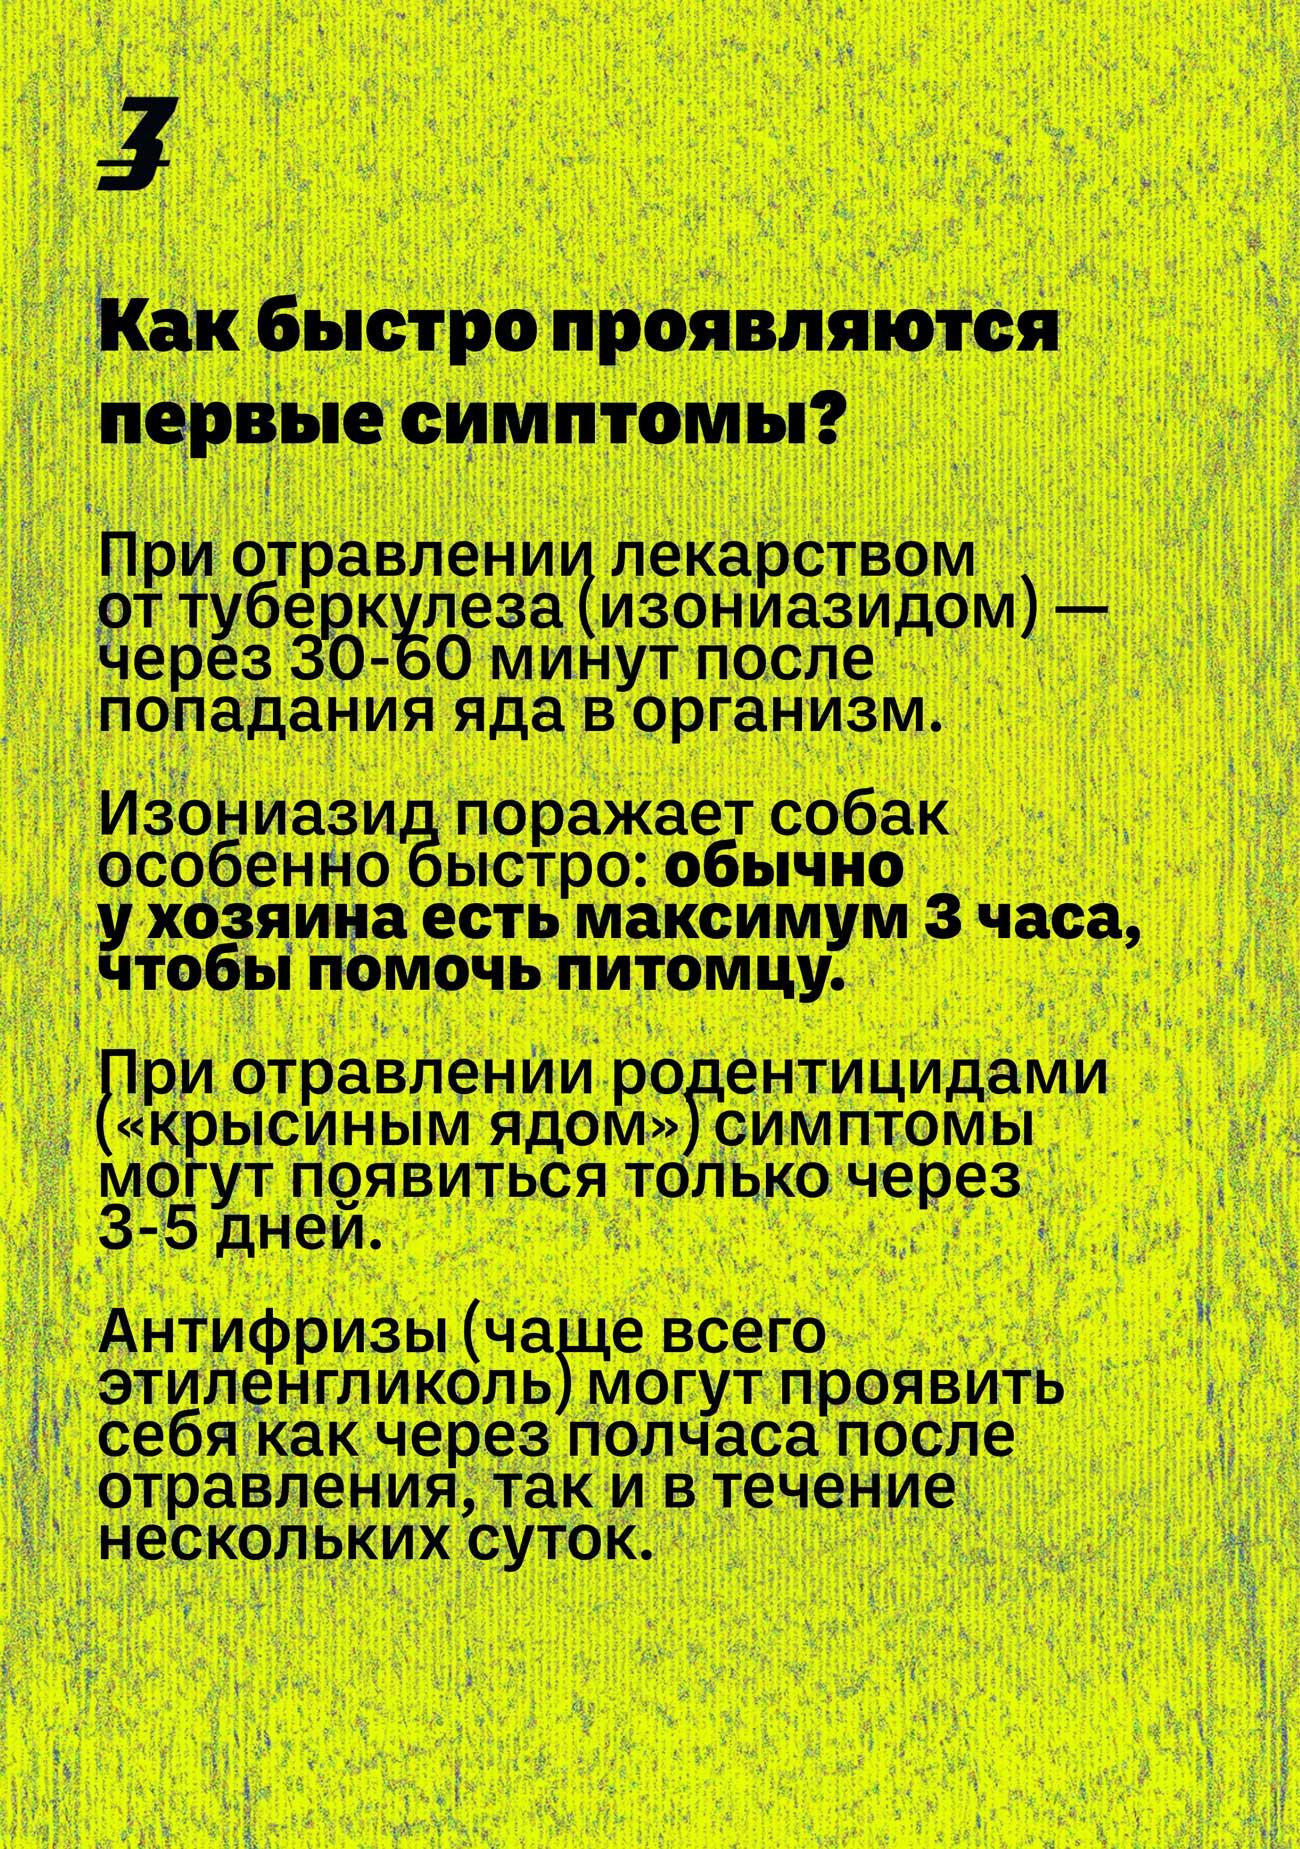 dog hunter ru 02 - <b>Кажется, мою собаку отравили.</b> Что делать? - Заборона